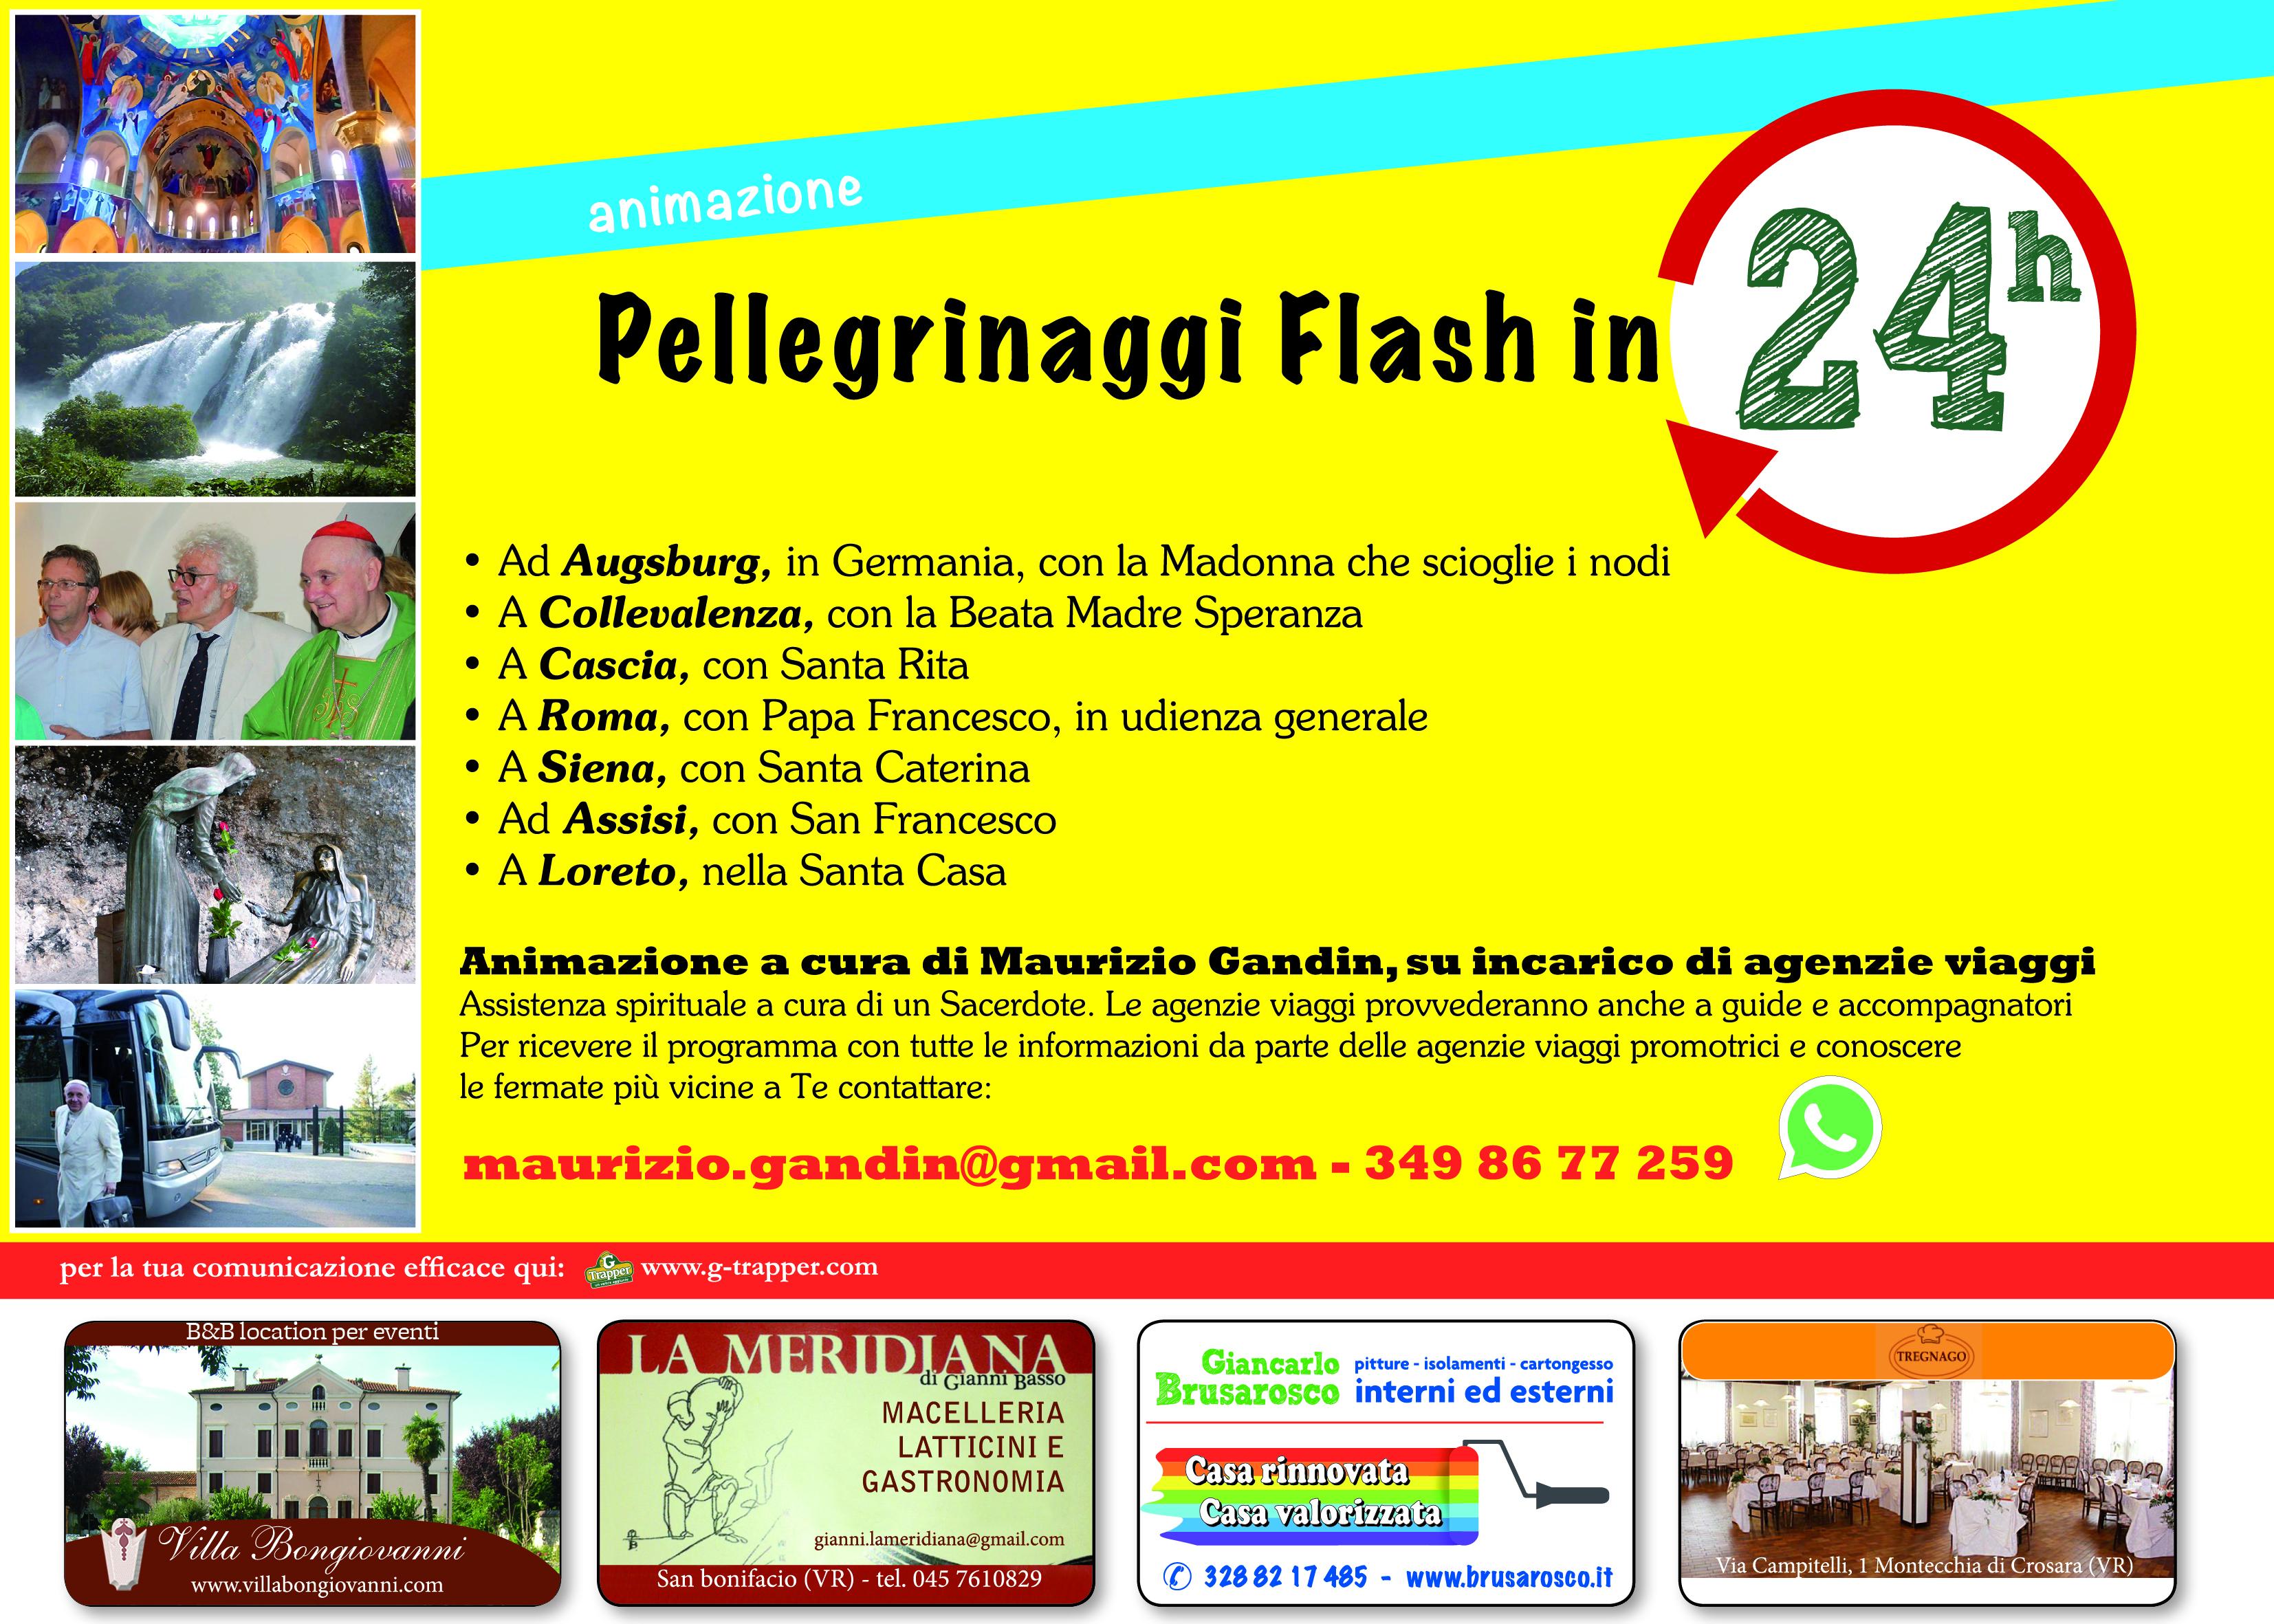 Pellegrinaggi gite viaggi animazione a cura di Gandin Maurizio     www.g-trapper.com